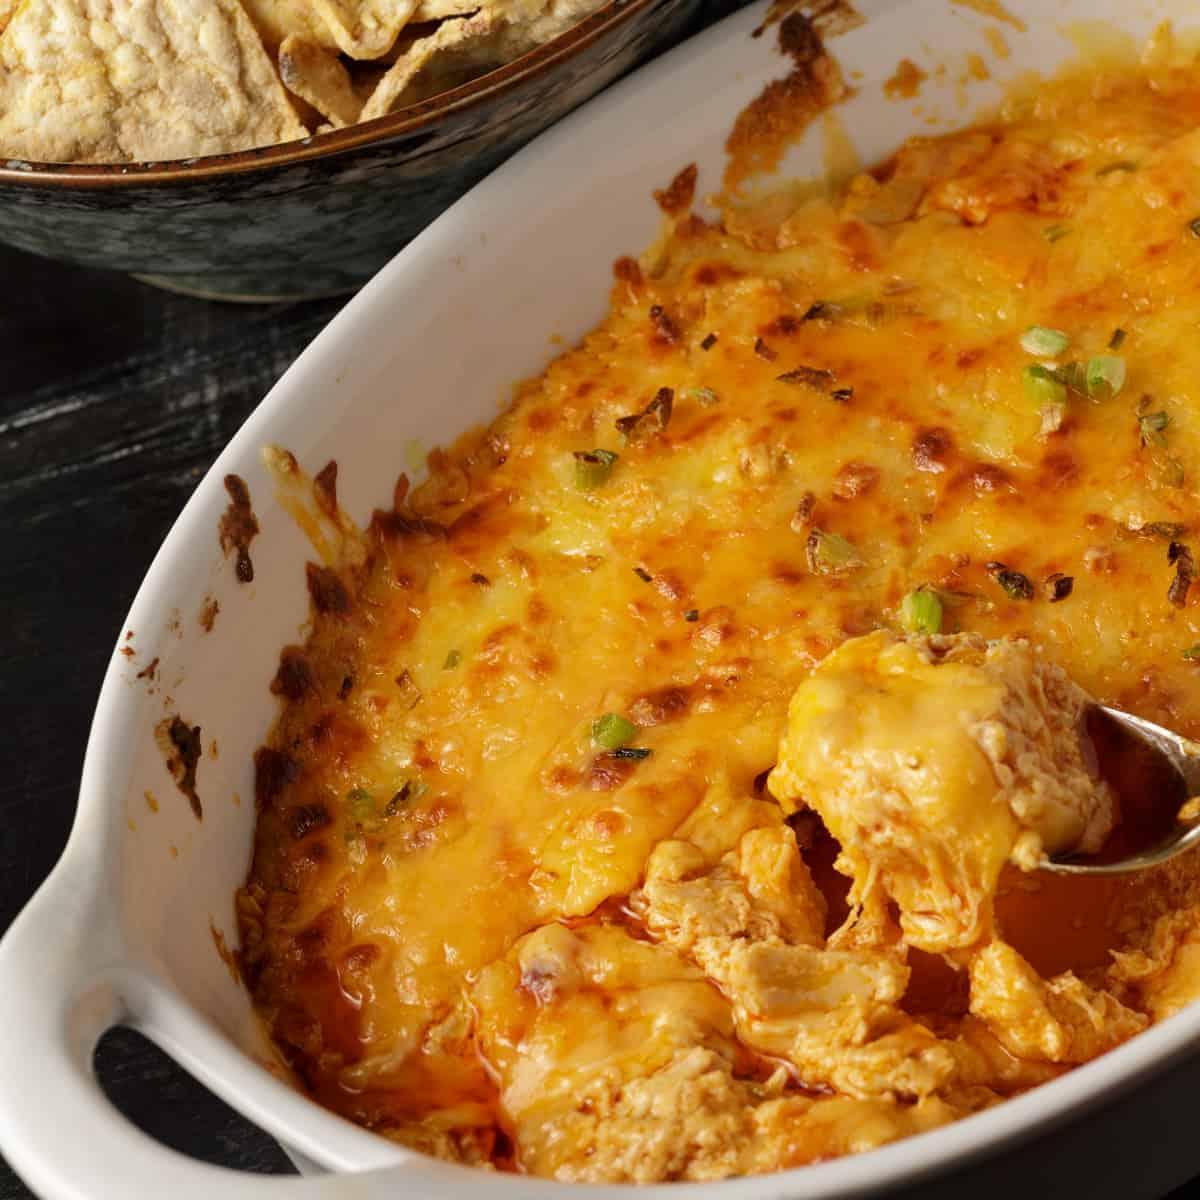 A baking dish of creamy Buffalo chicken dip